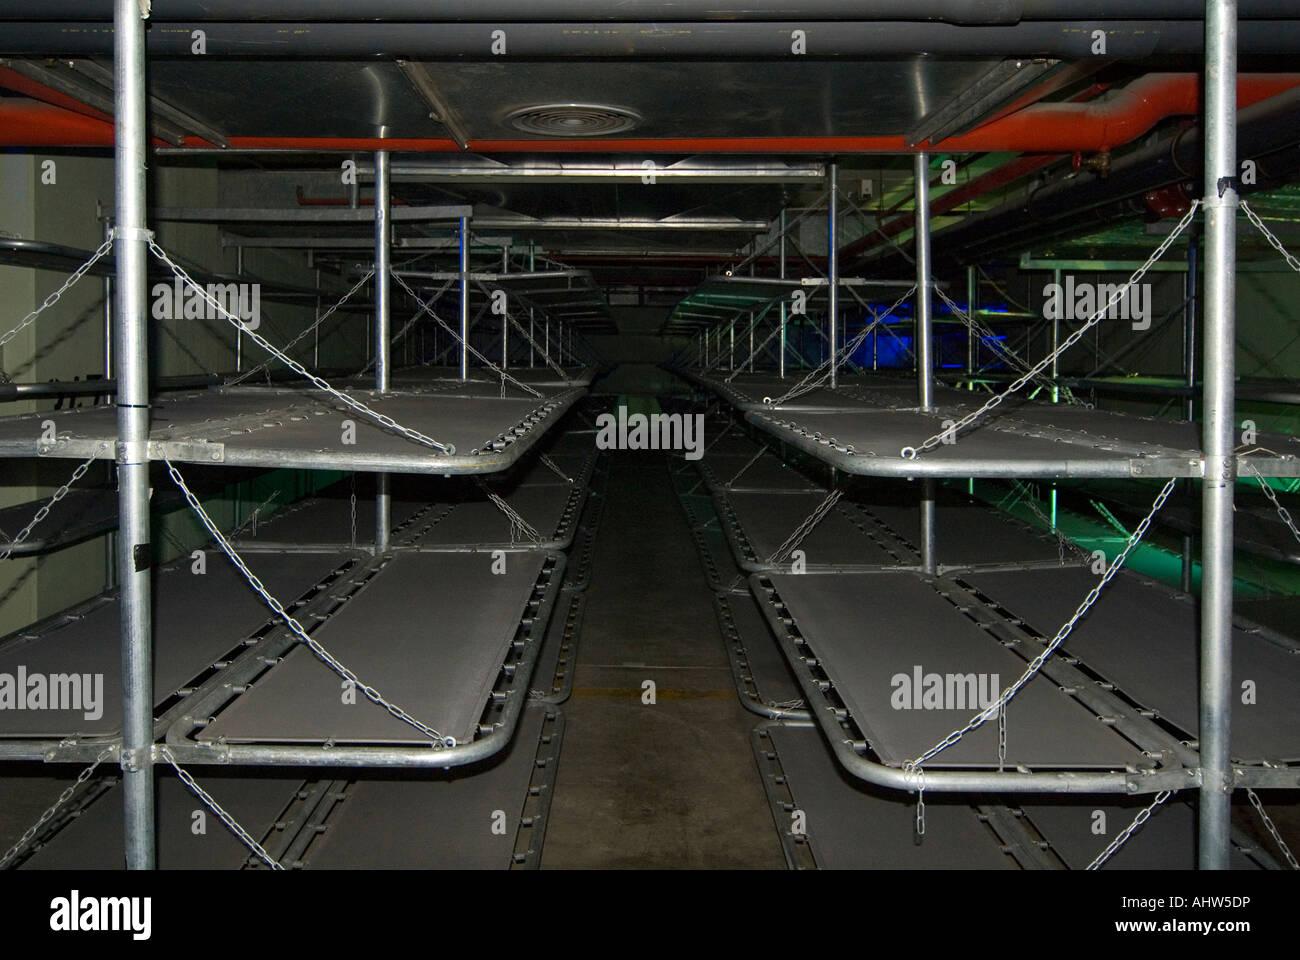 Etagenbetten Metall : Horizontale ansicht der reihen von metall etagenbetten in einem